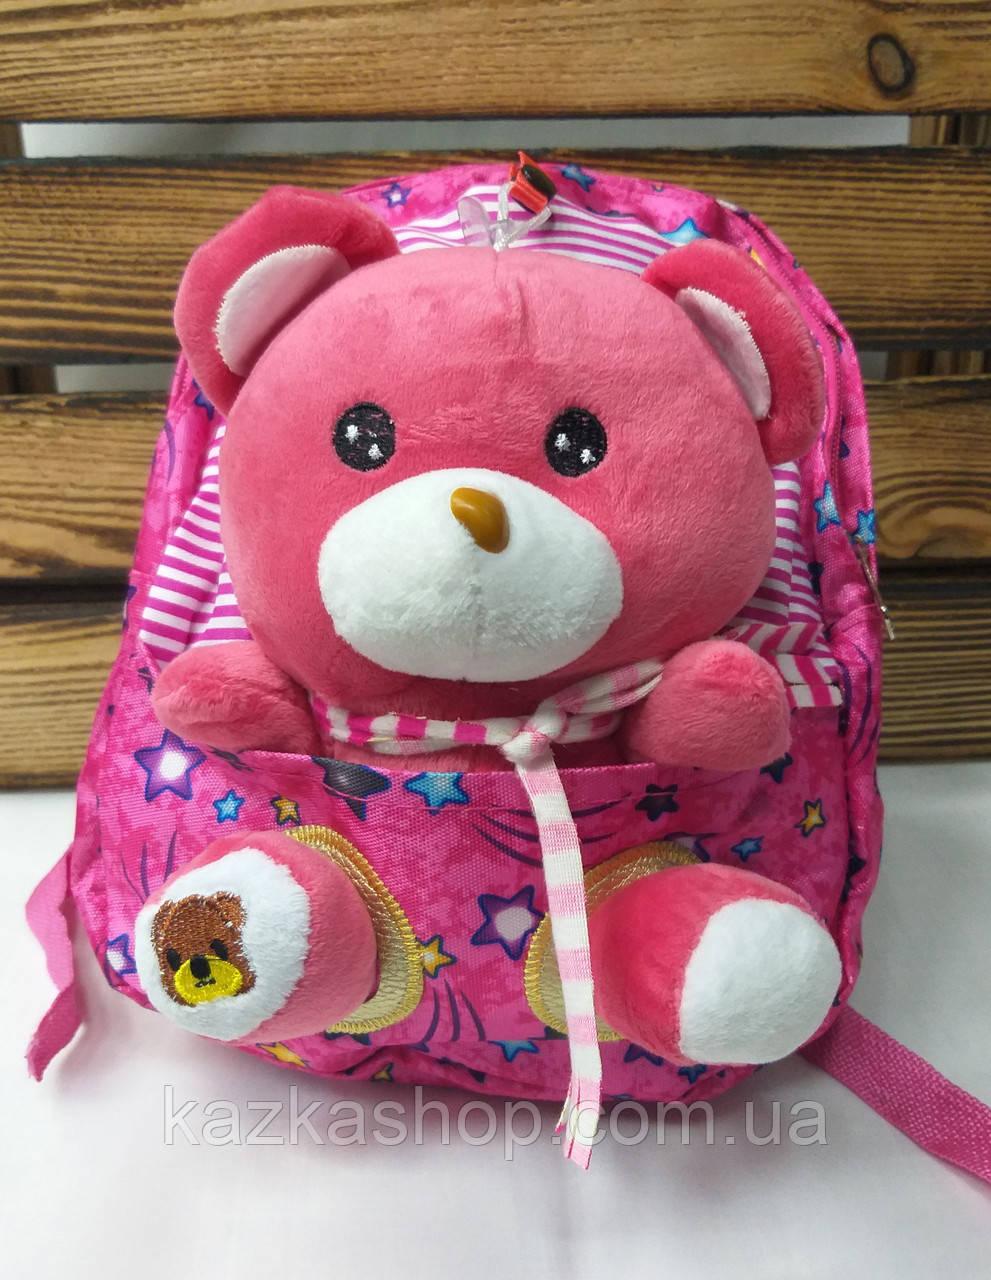 """Детский тканевой рюкзак розового цвета, со съемной игрушкой """"Мишка"""" розового цвета, регулируемые лямки"""